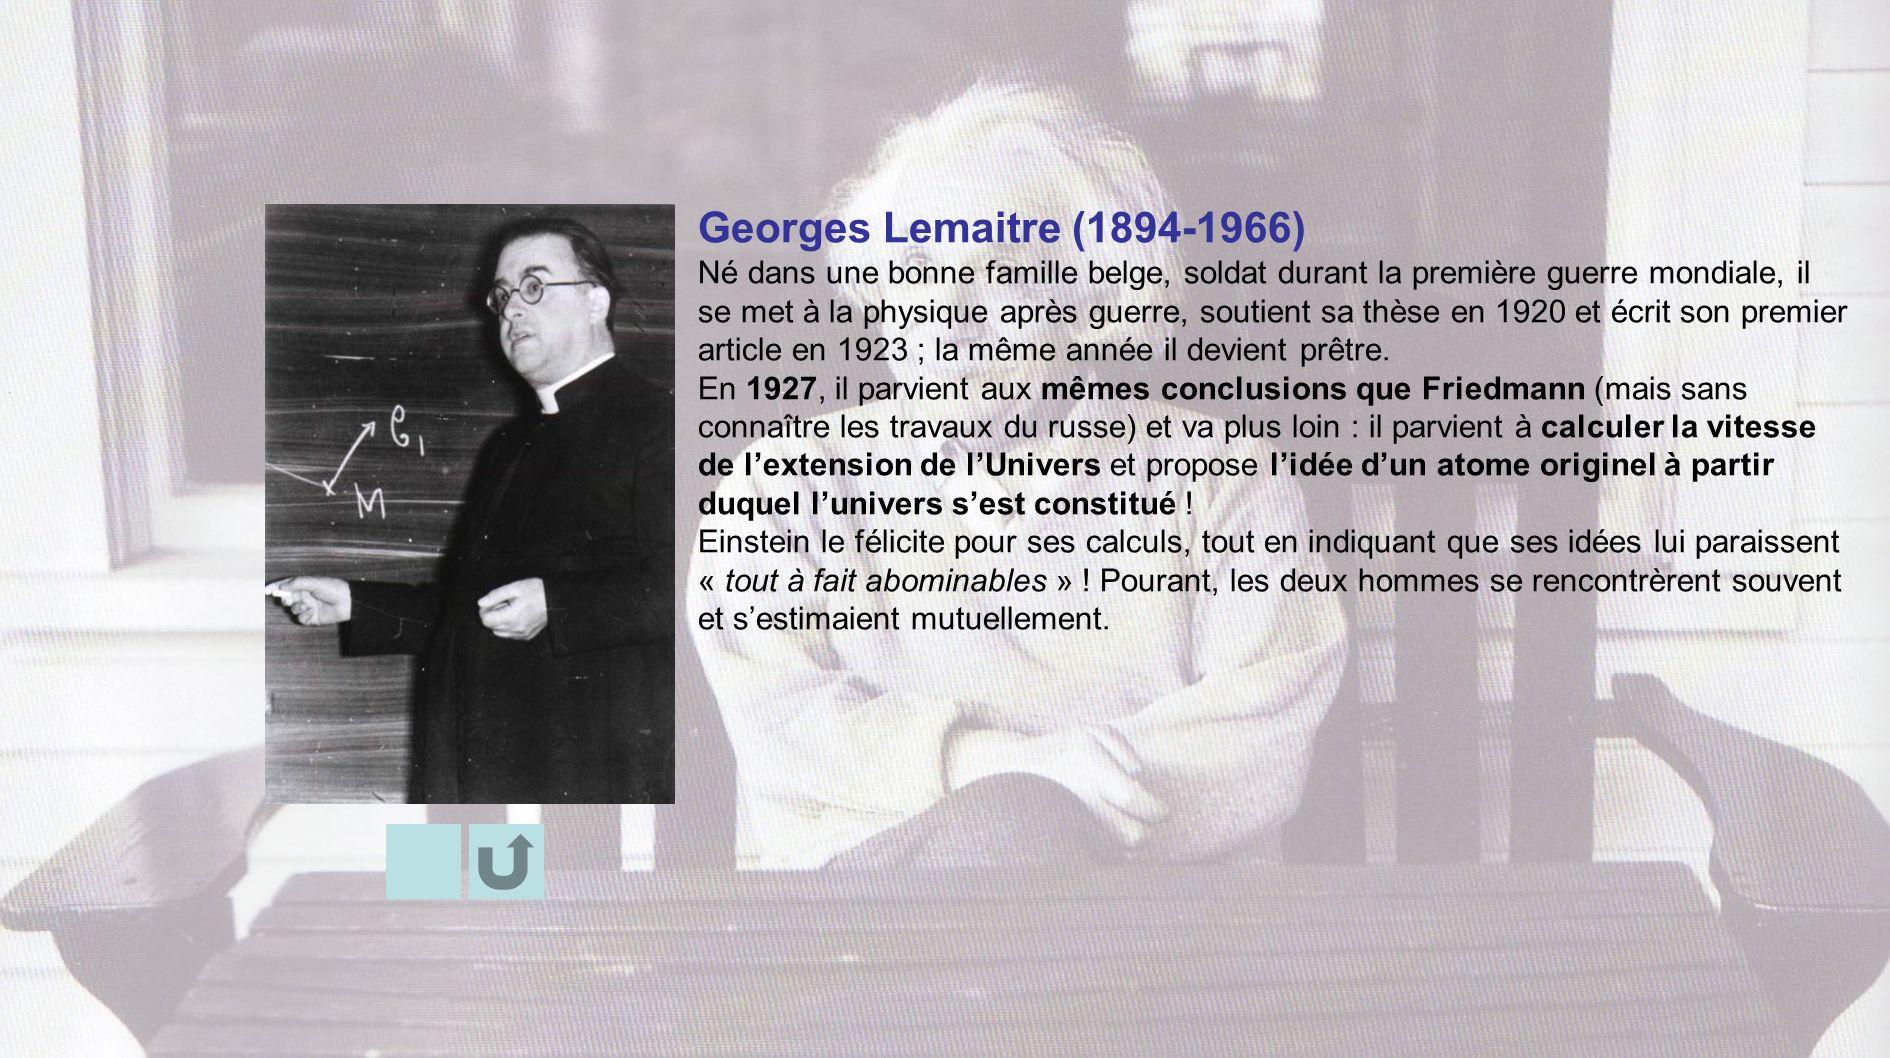 Georges Lemaitre (1894-1966) Né dans une bonne famille belge, soldat durant la première guerre mondiale, il se met à la physique après guerre, soutien